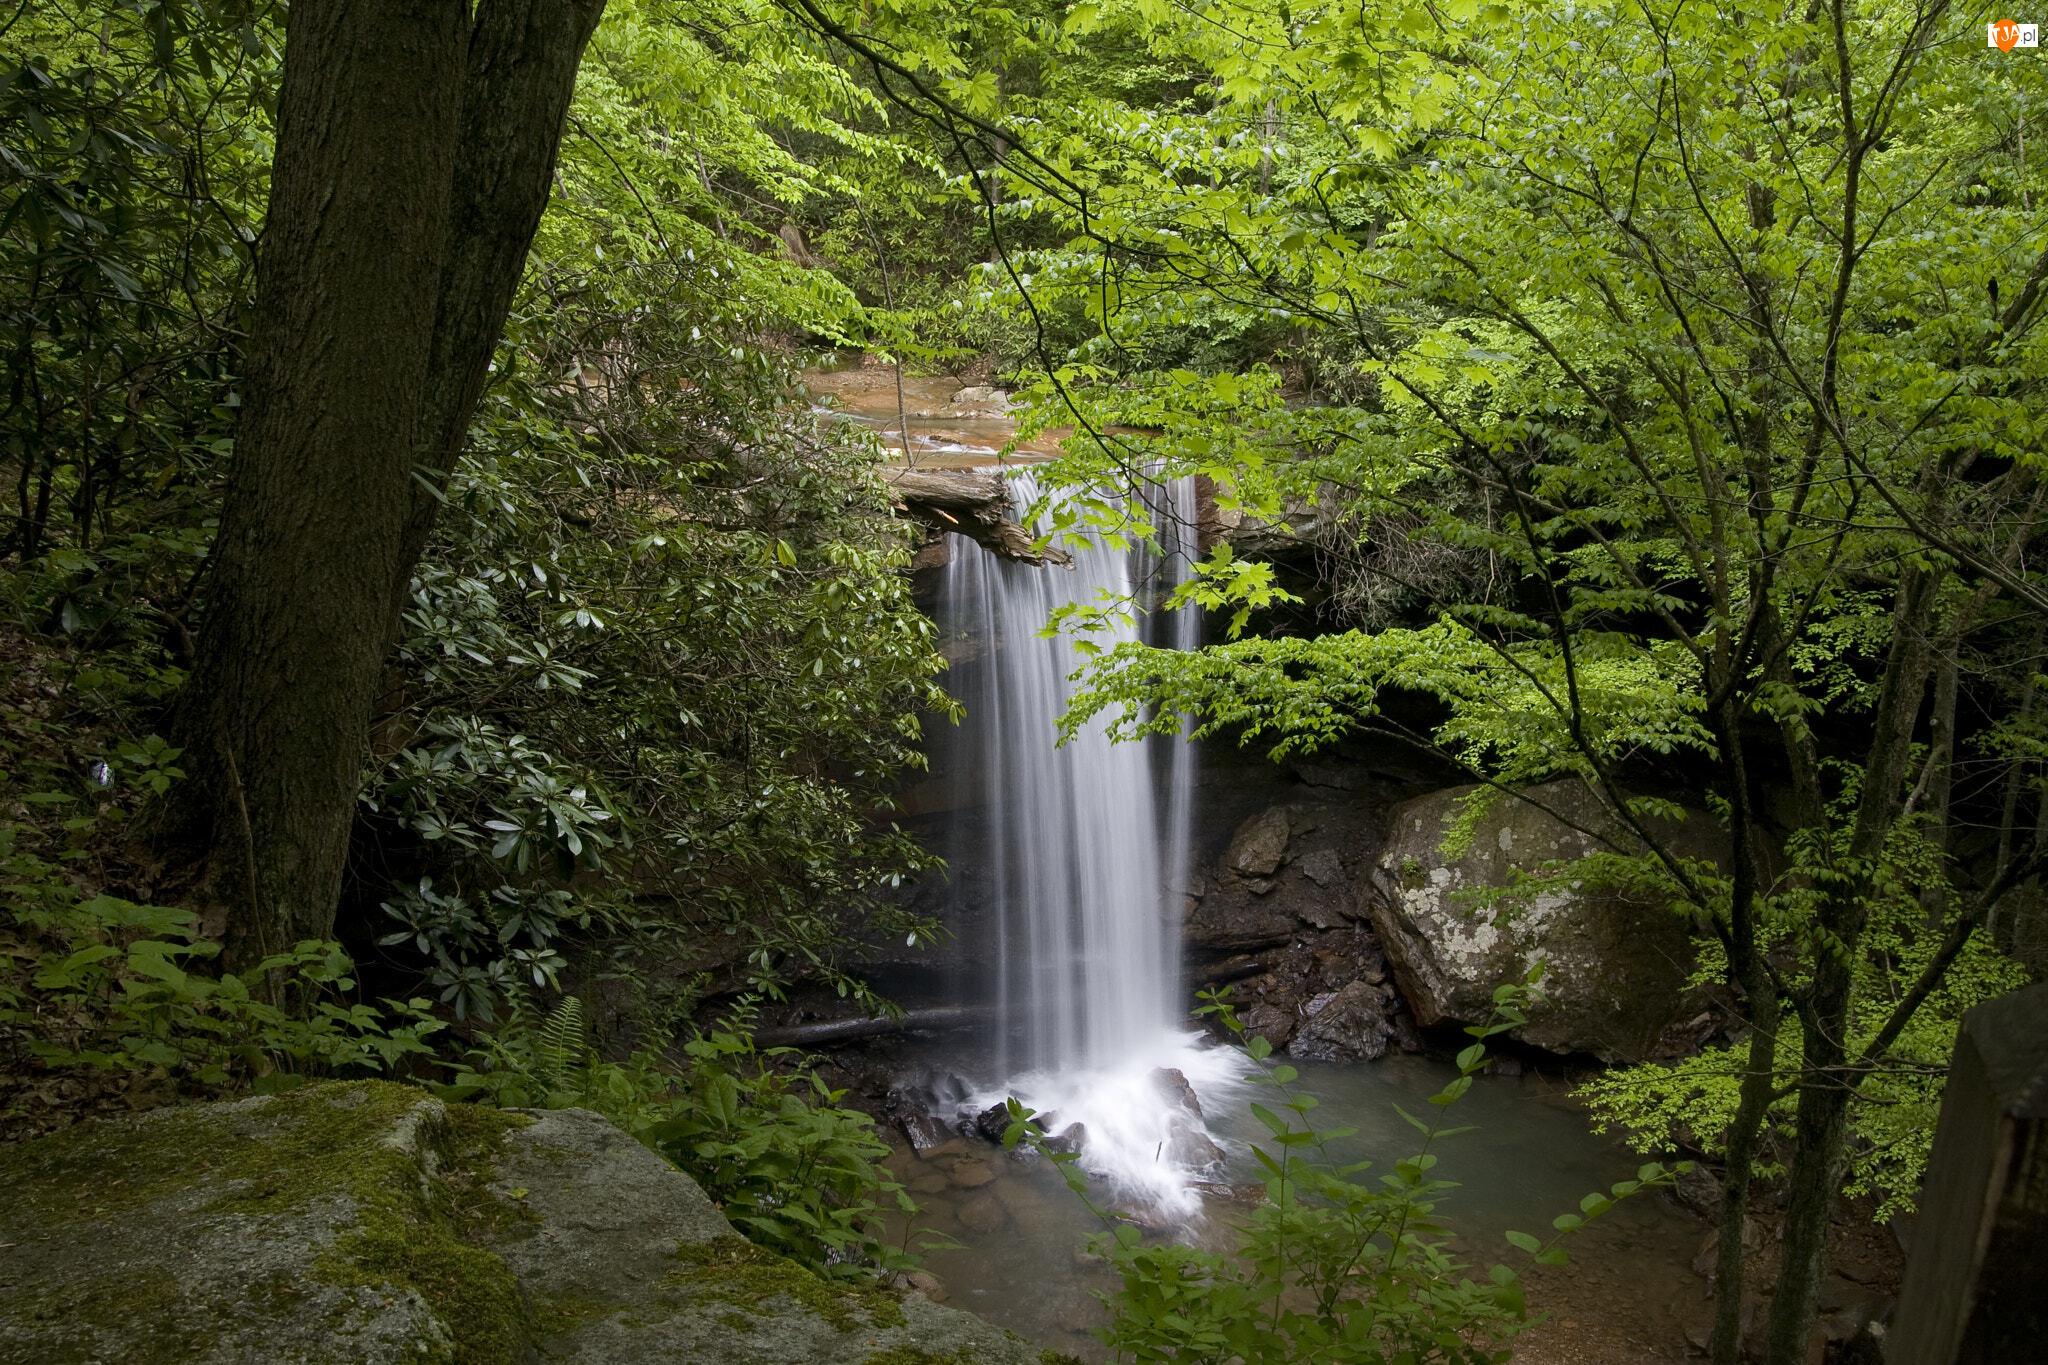 Rzeka, Wodospad, Drzewa, Kamienie, Rośliny, Las